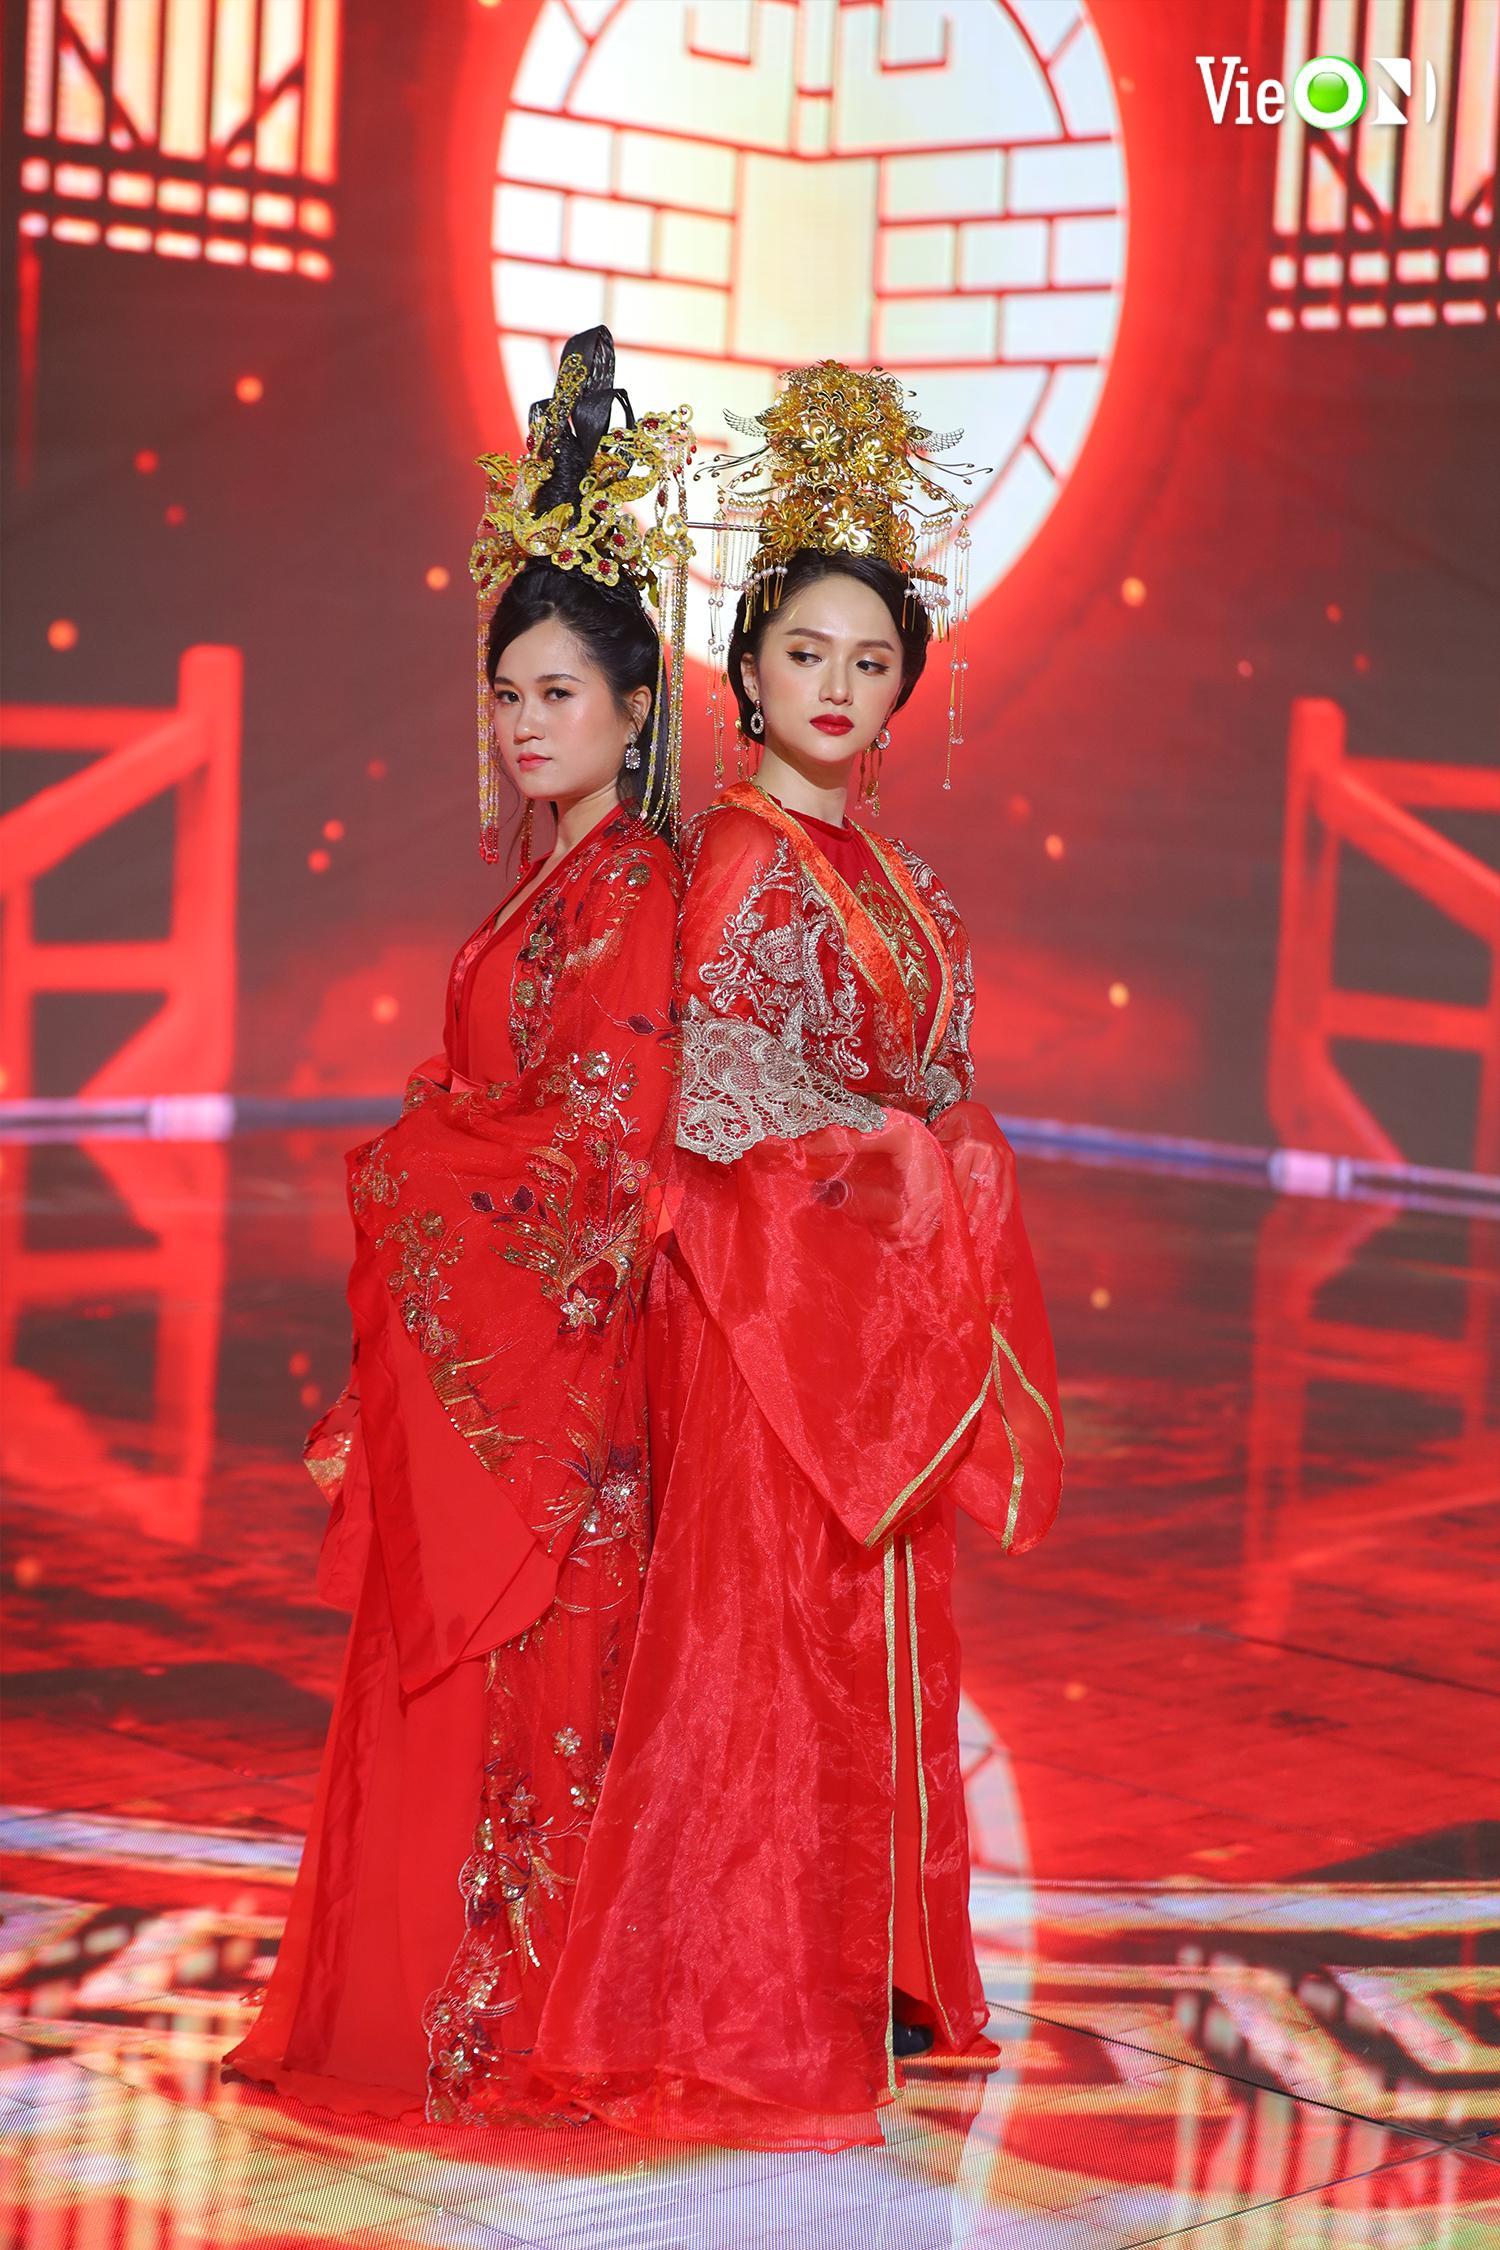 Hoa hậu Hương Giang và diễn viên Lâm Vỹ Dạ cũng góp mặt trong chương trình